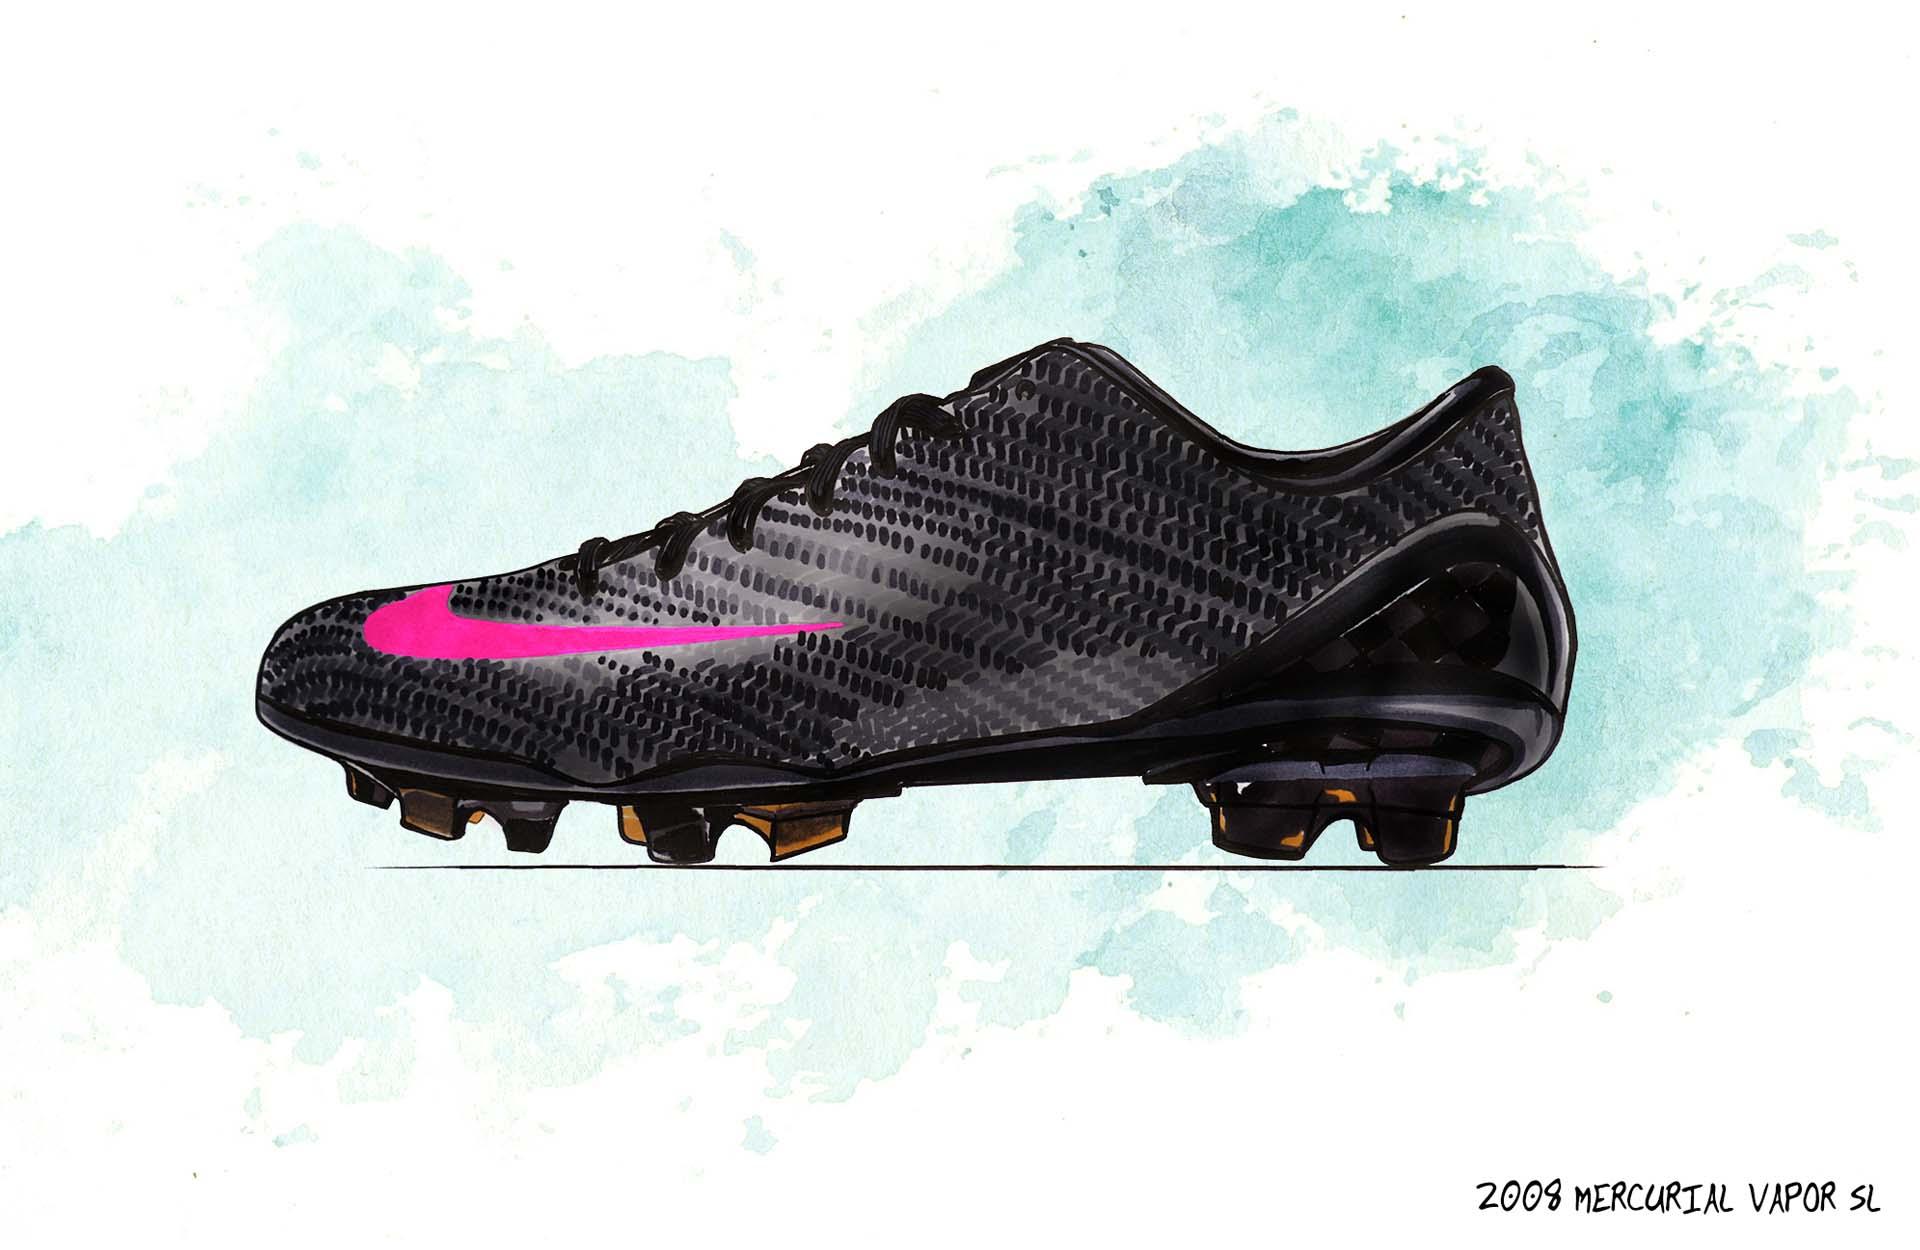 Nike giới thiệu giày bóng đá siêu nhẹ làm bằng sợi carbon tại chung kết cúp C1 2007-2008